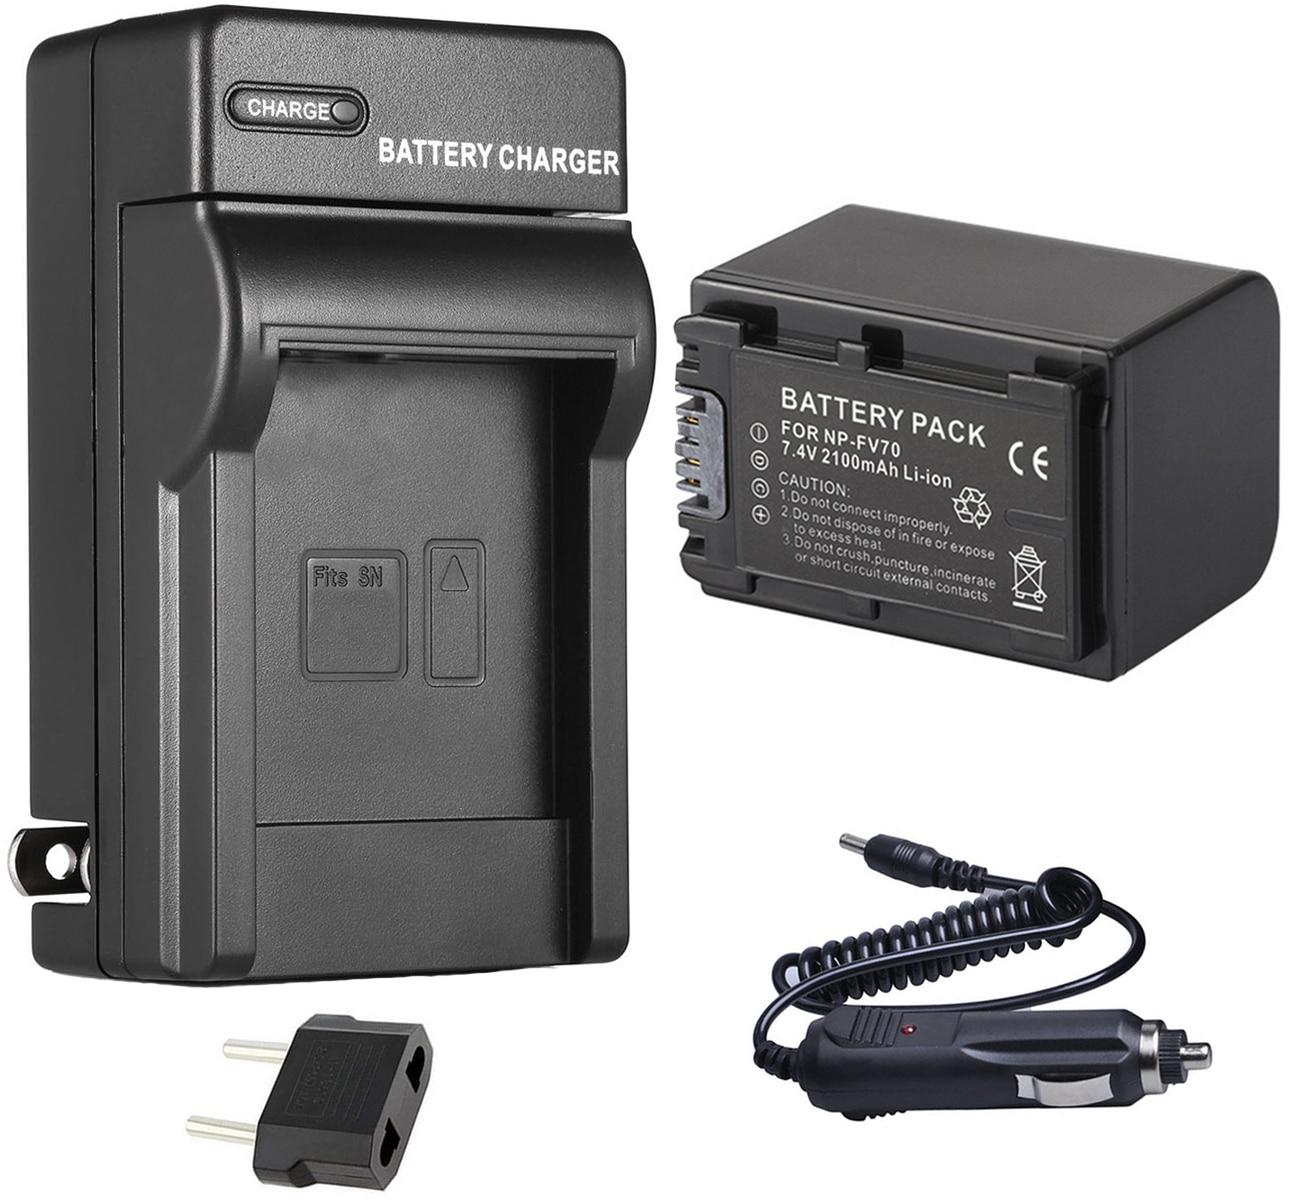 Batería + cargador para Sony DCR-SX15, SX22, SX33, SX34, SX43, SX44, SX45, SX53, SX63, SX65, SX73, SX83, SX85 Handycam Camcorder